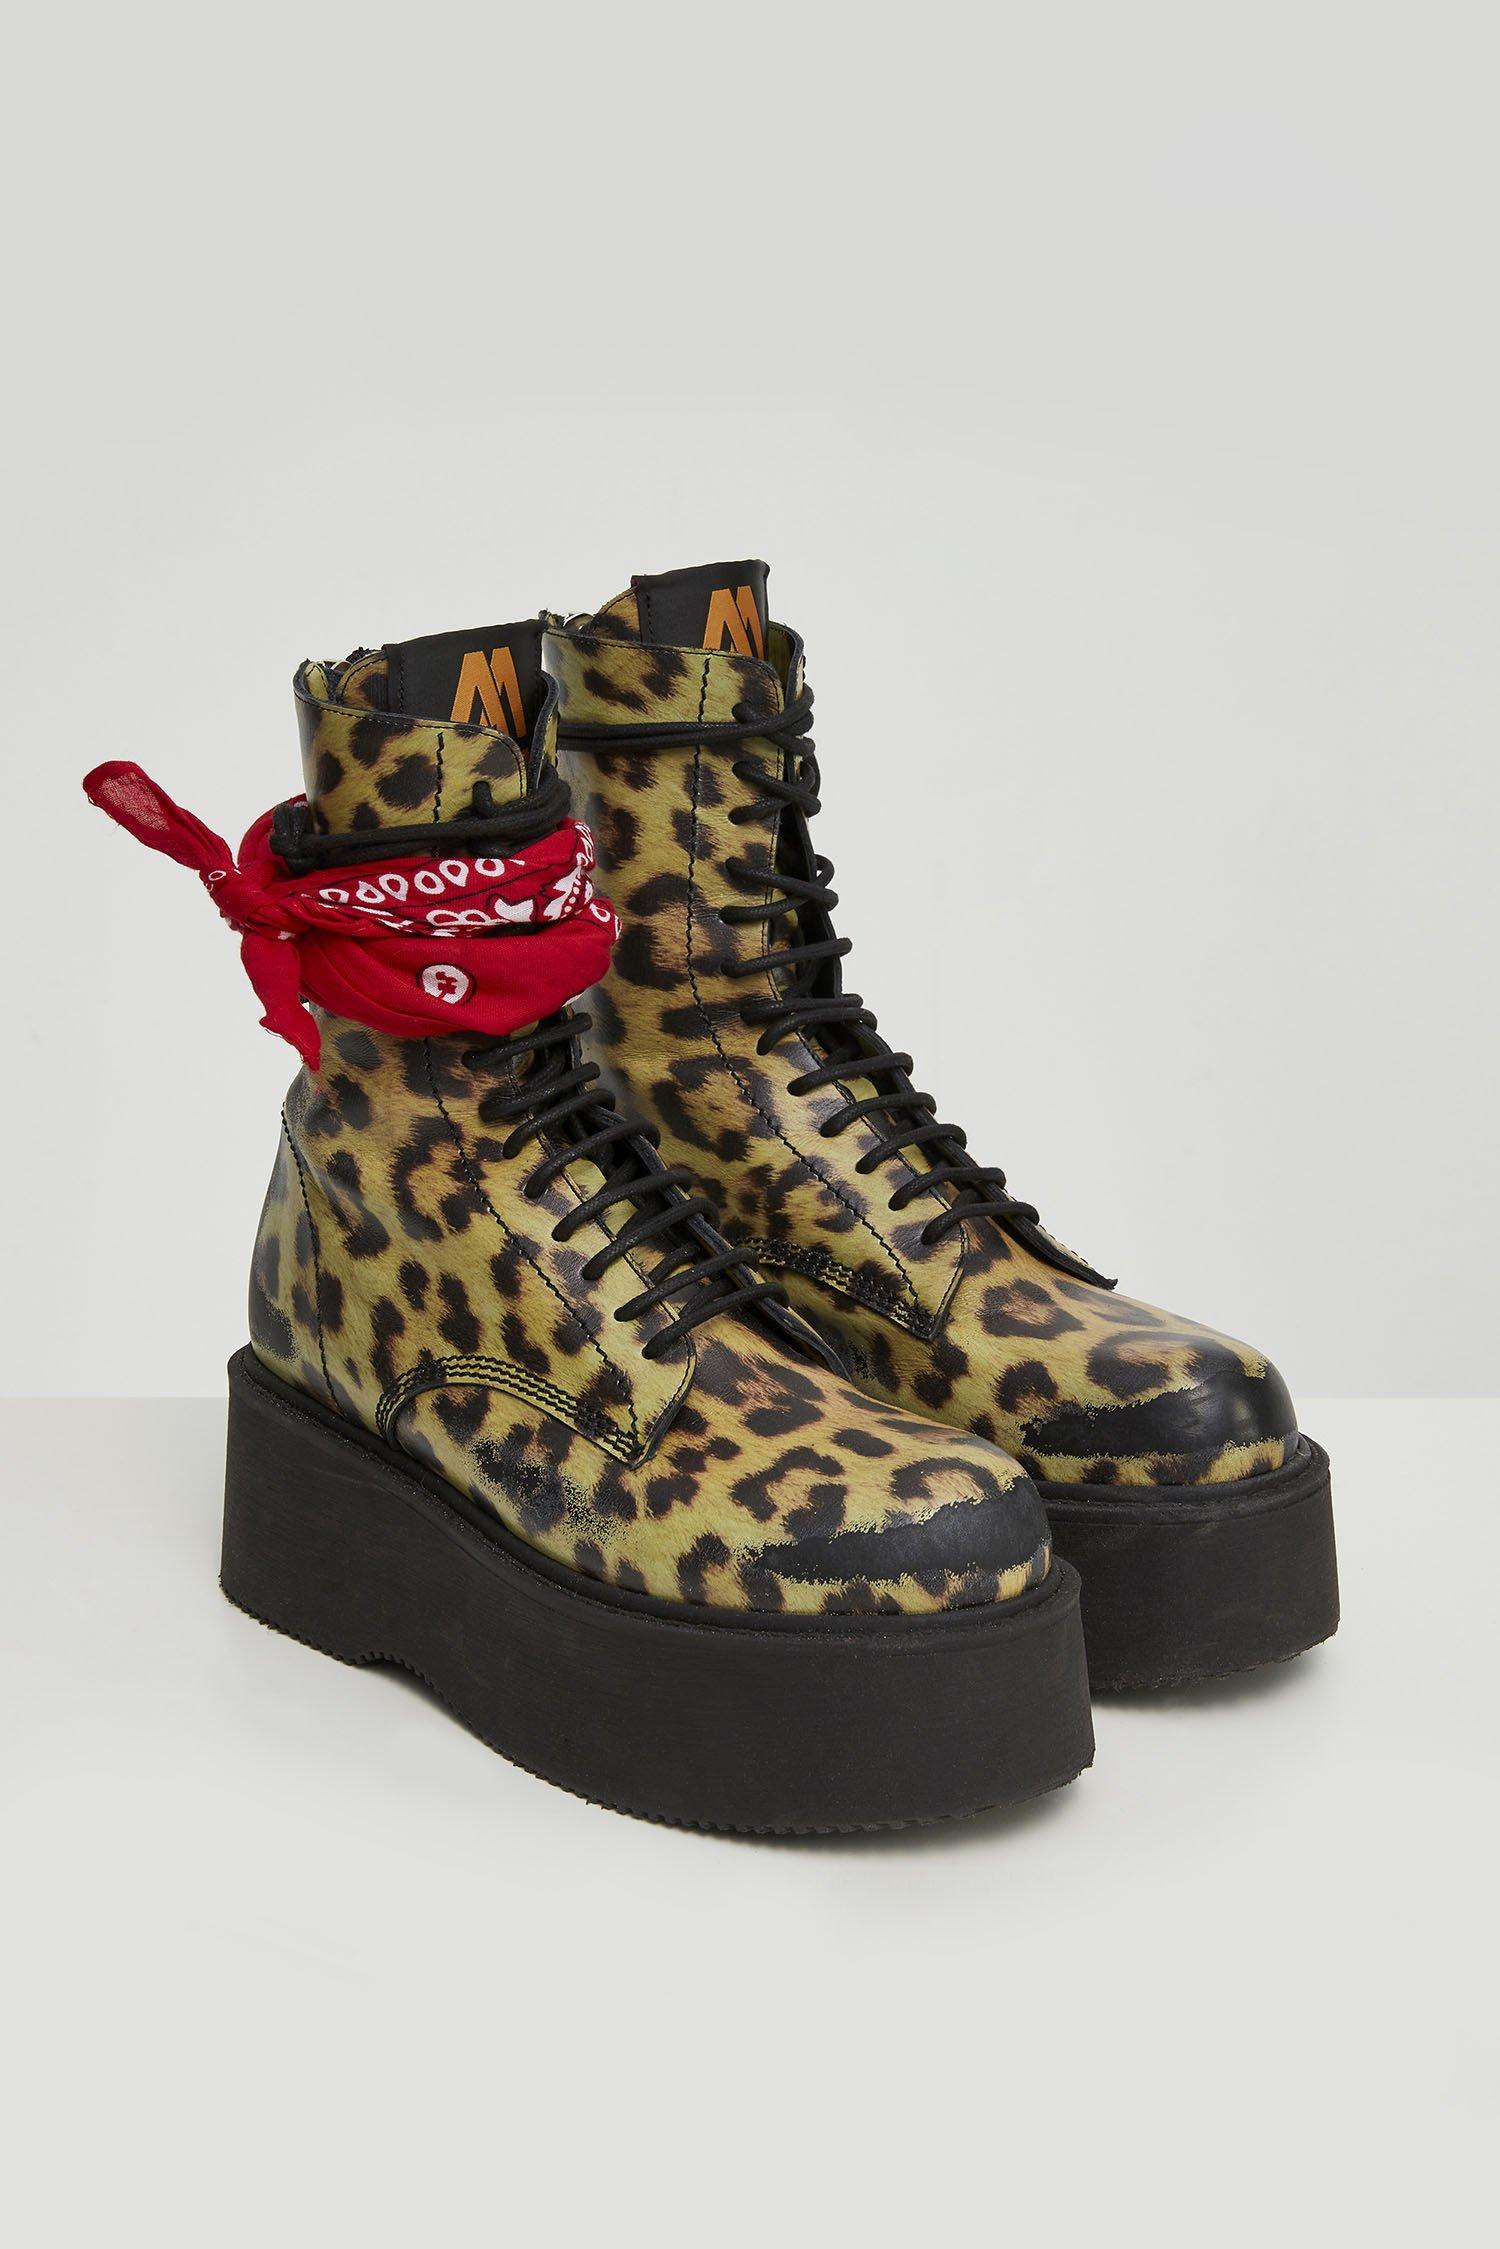 Anfibio Boston Boots maku Aniye By